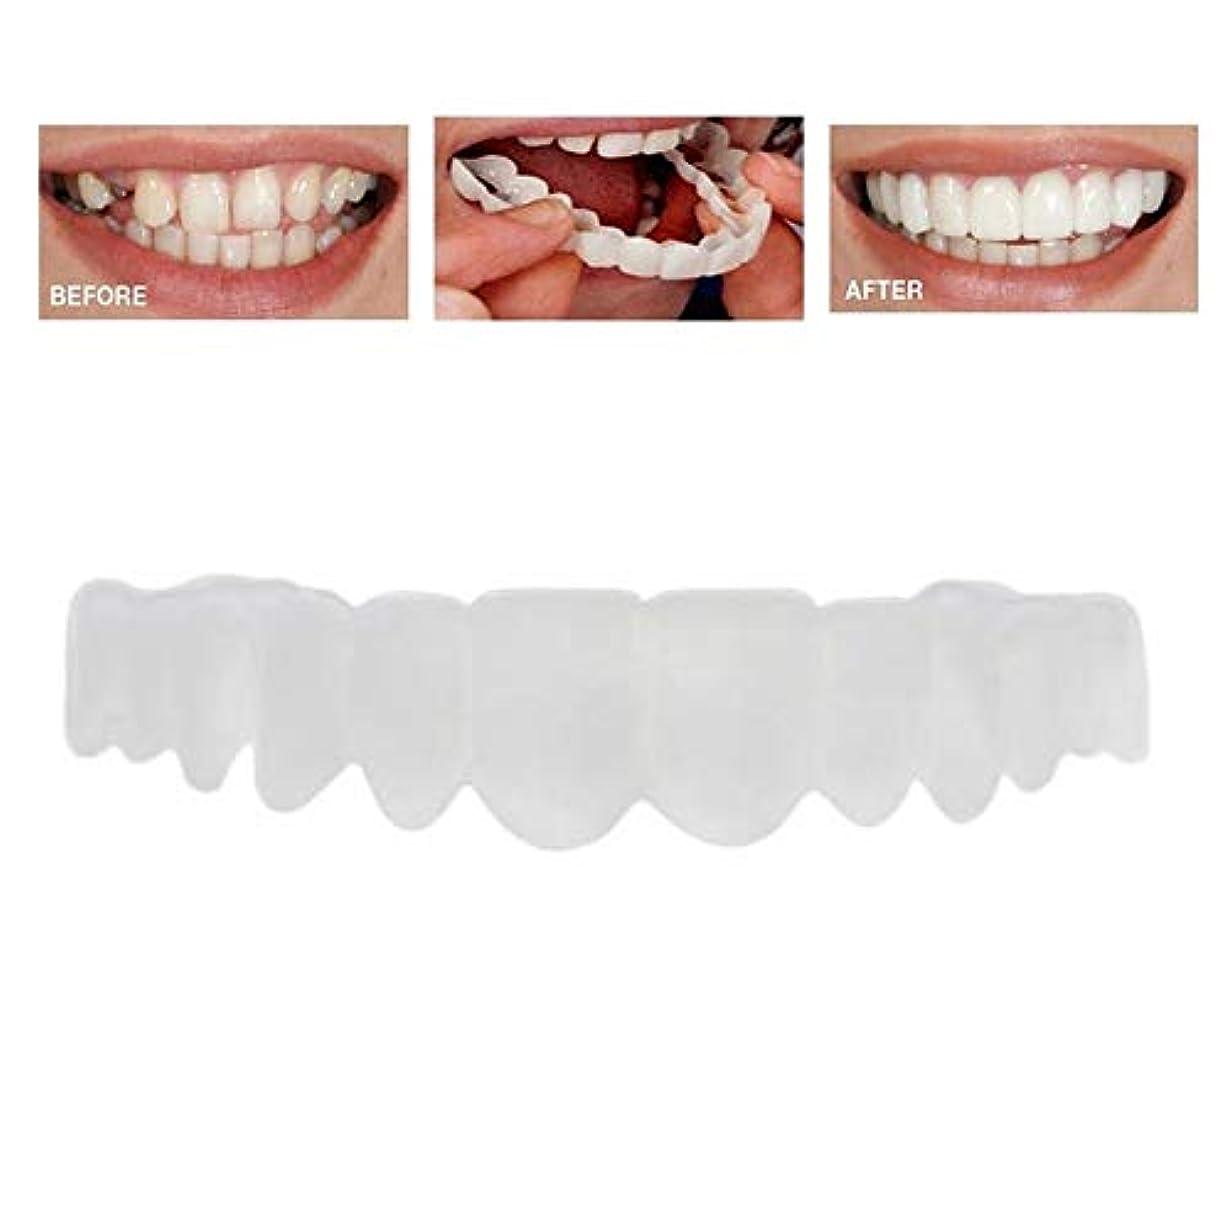 応用敏感なアンプ15ピースの歯の化粧品の快適さフィット歯の義歯歯の上のベニヤの歯ワンサイズフィット最も快適な義歯